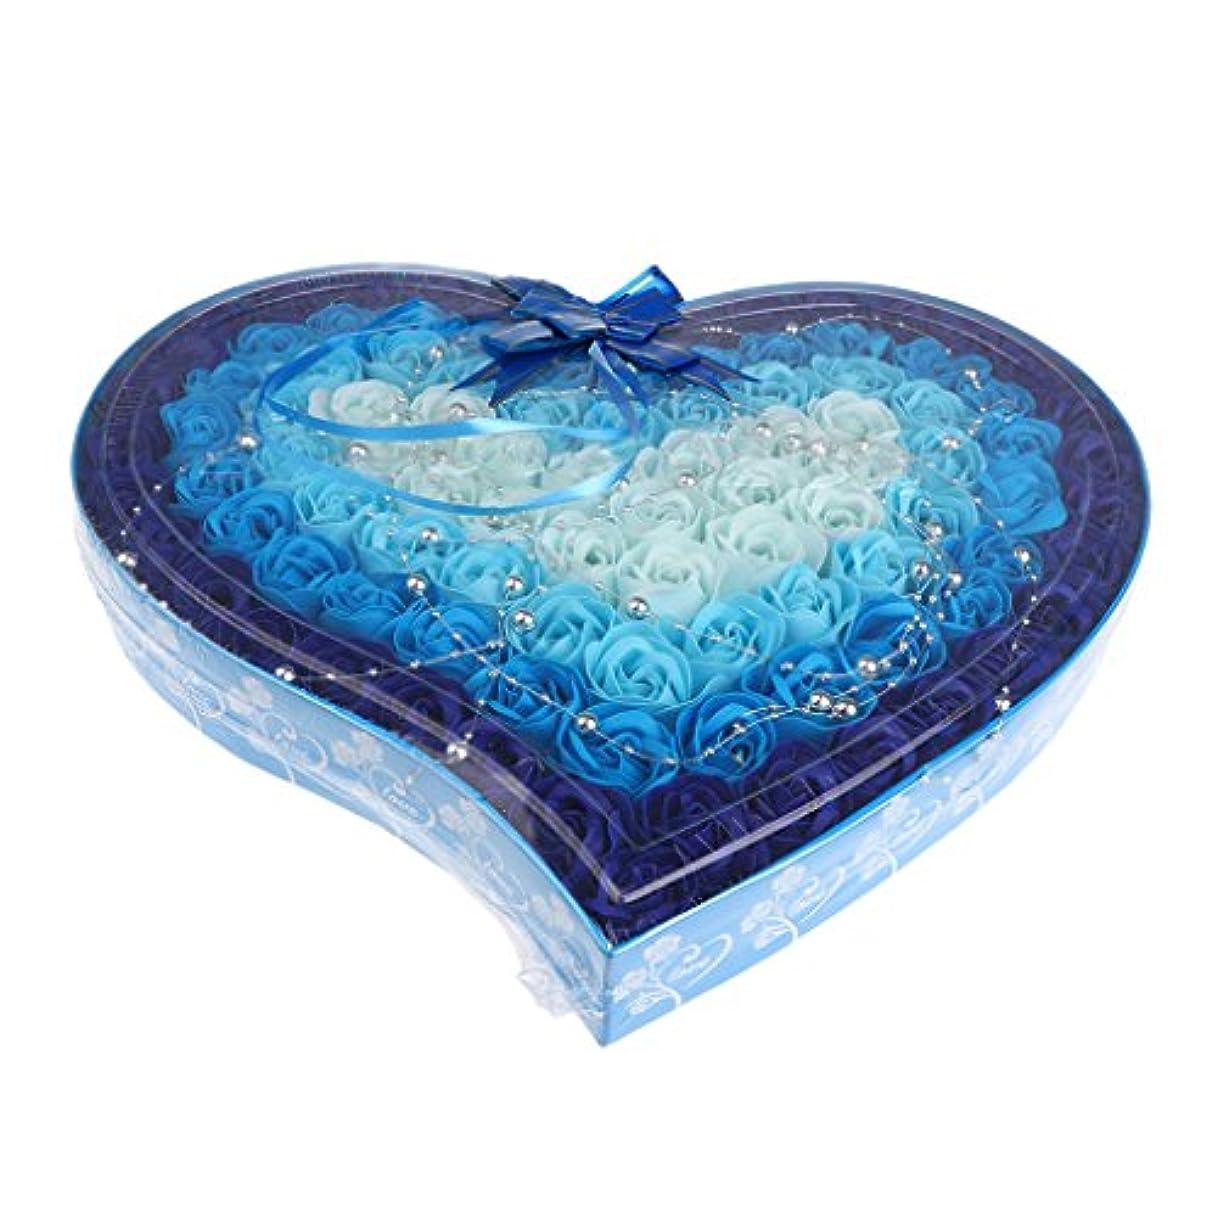 説明的重なる師匠石鹸の花 母の日 プレゼント 石鹸 お花 枯れないお花 心の形 ギフトボックス 約100個 プレゼント 4色選択可 - 青